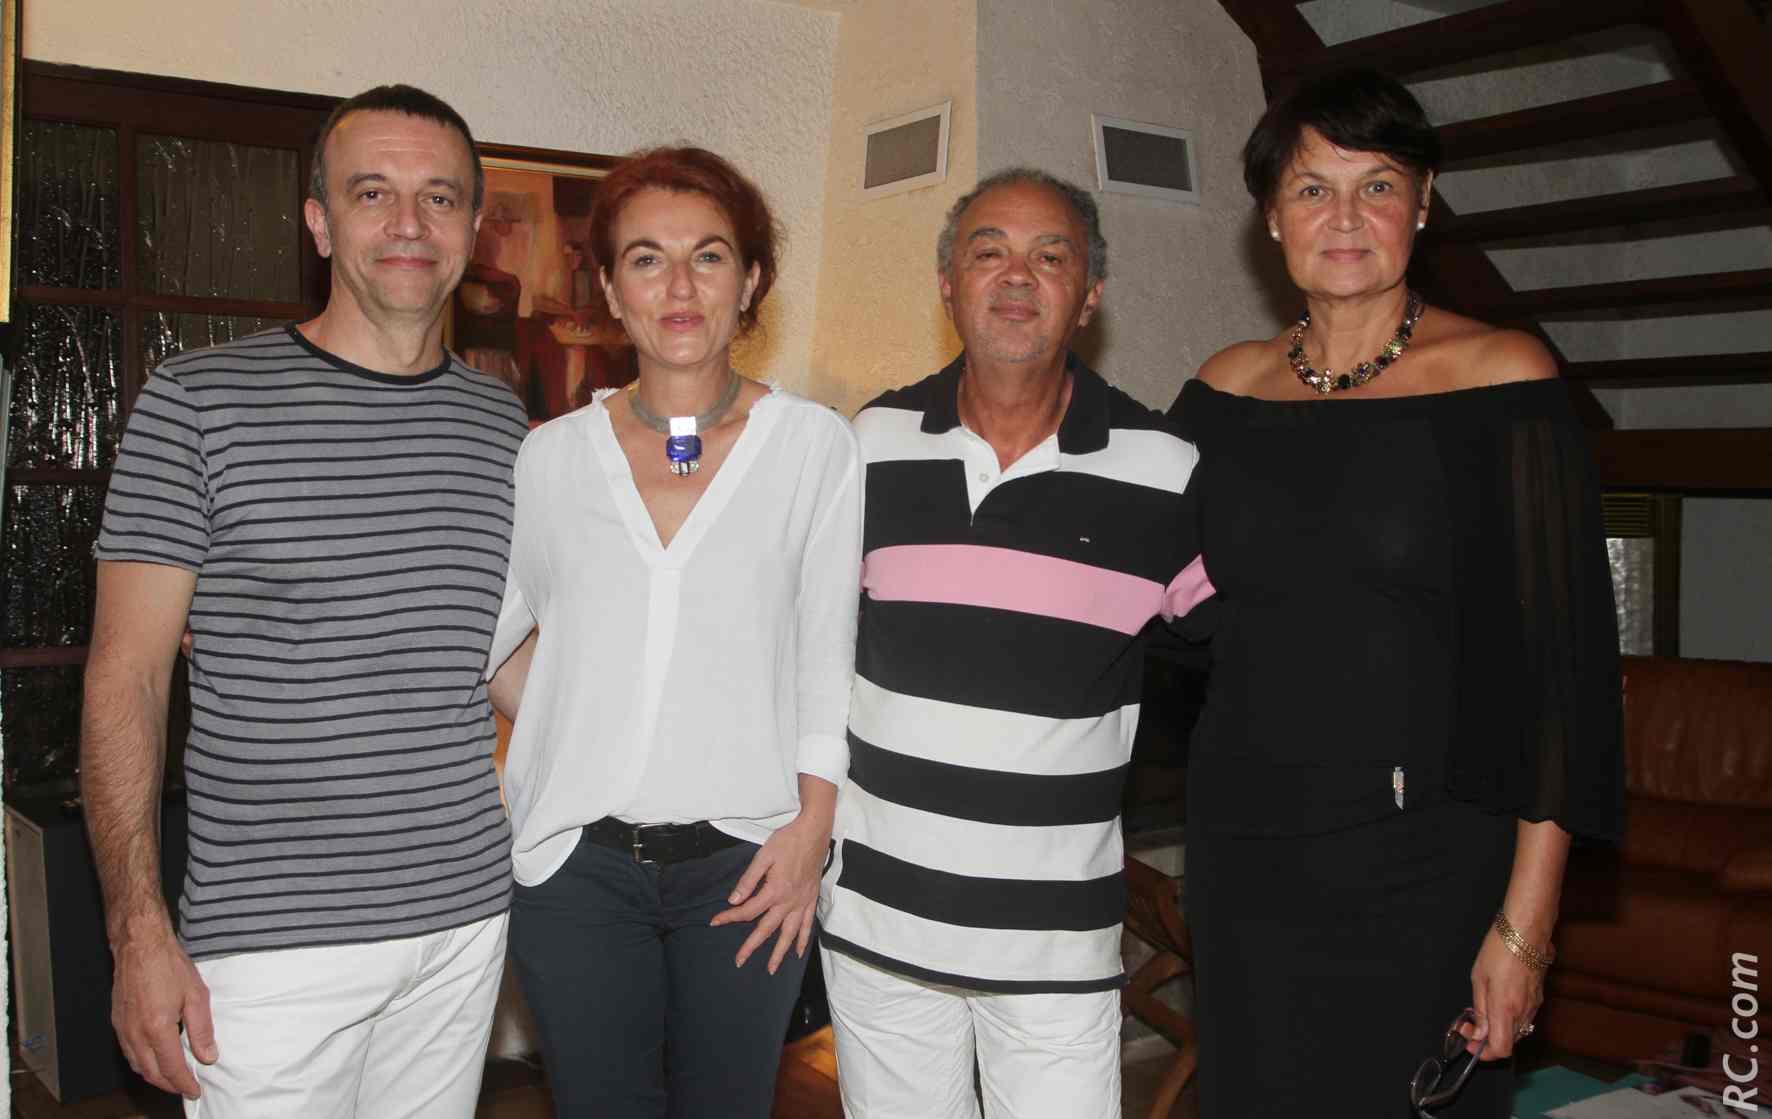 Jean Yassimidès, PDG de Stas Doyer, et sa collaboratrice, accueillis par Bernard et Françoise Barret de l'Espace Kalyana à Bérive, au Tampon